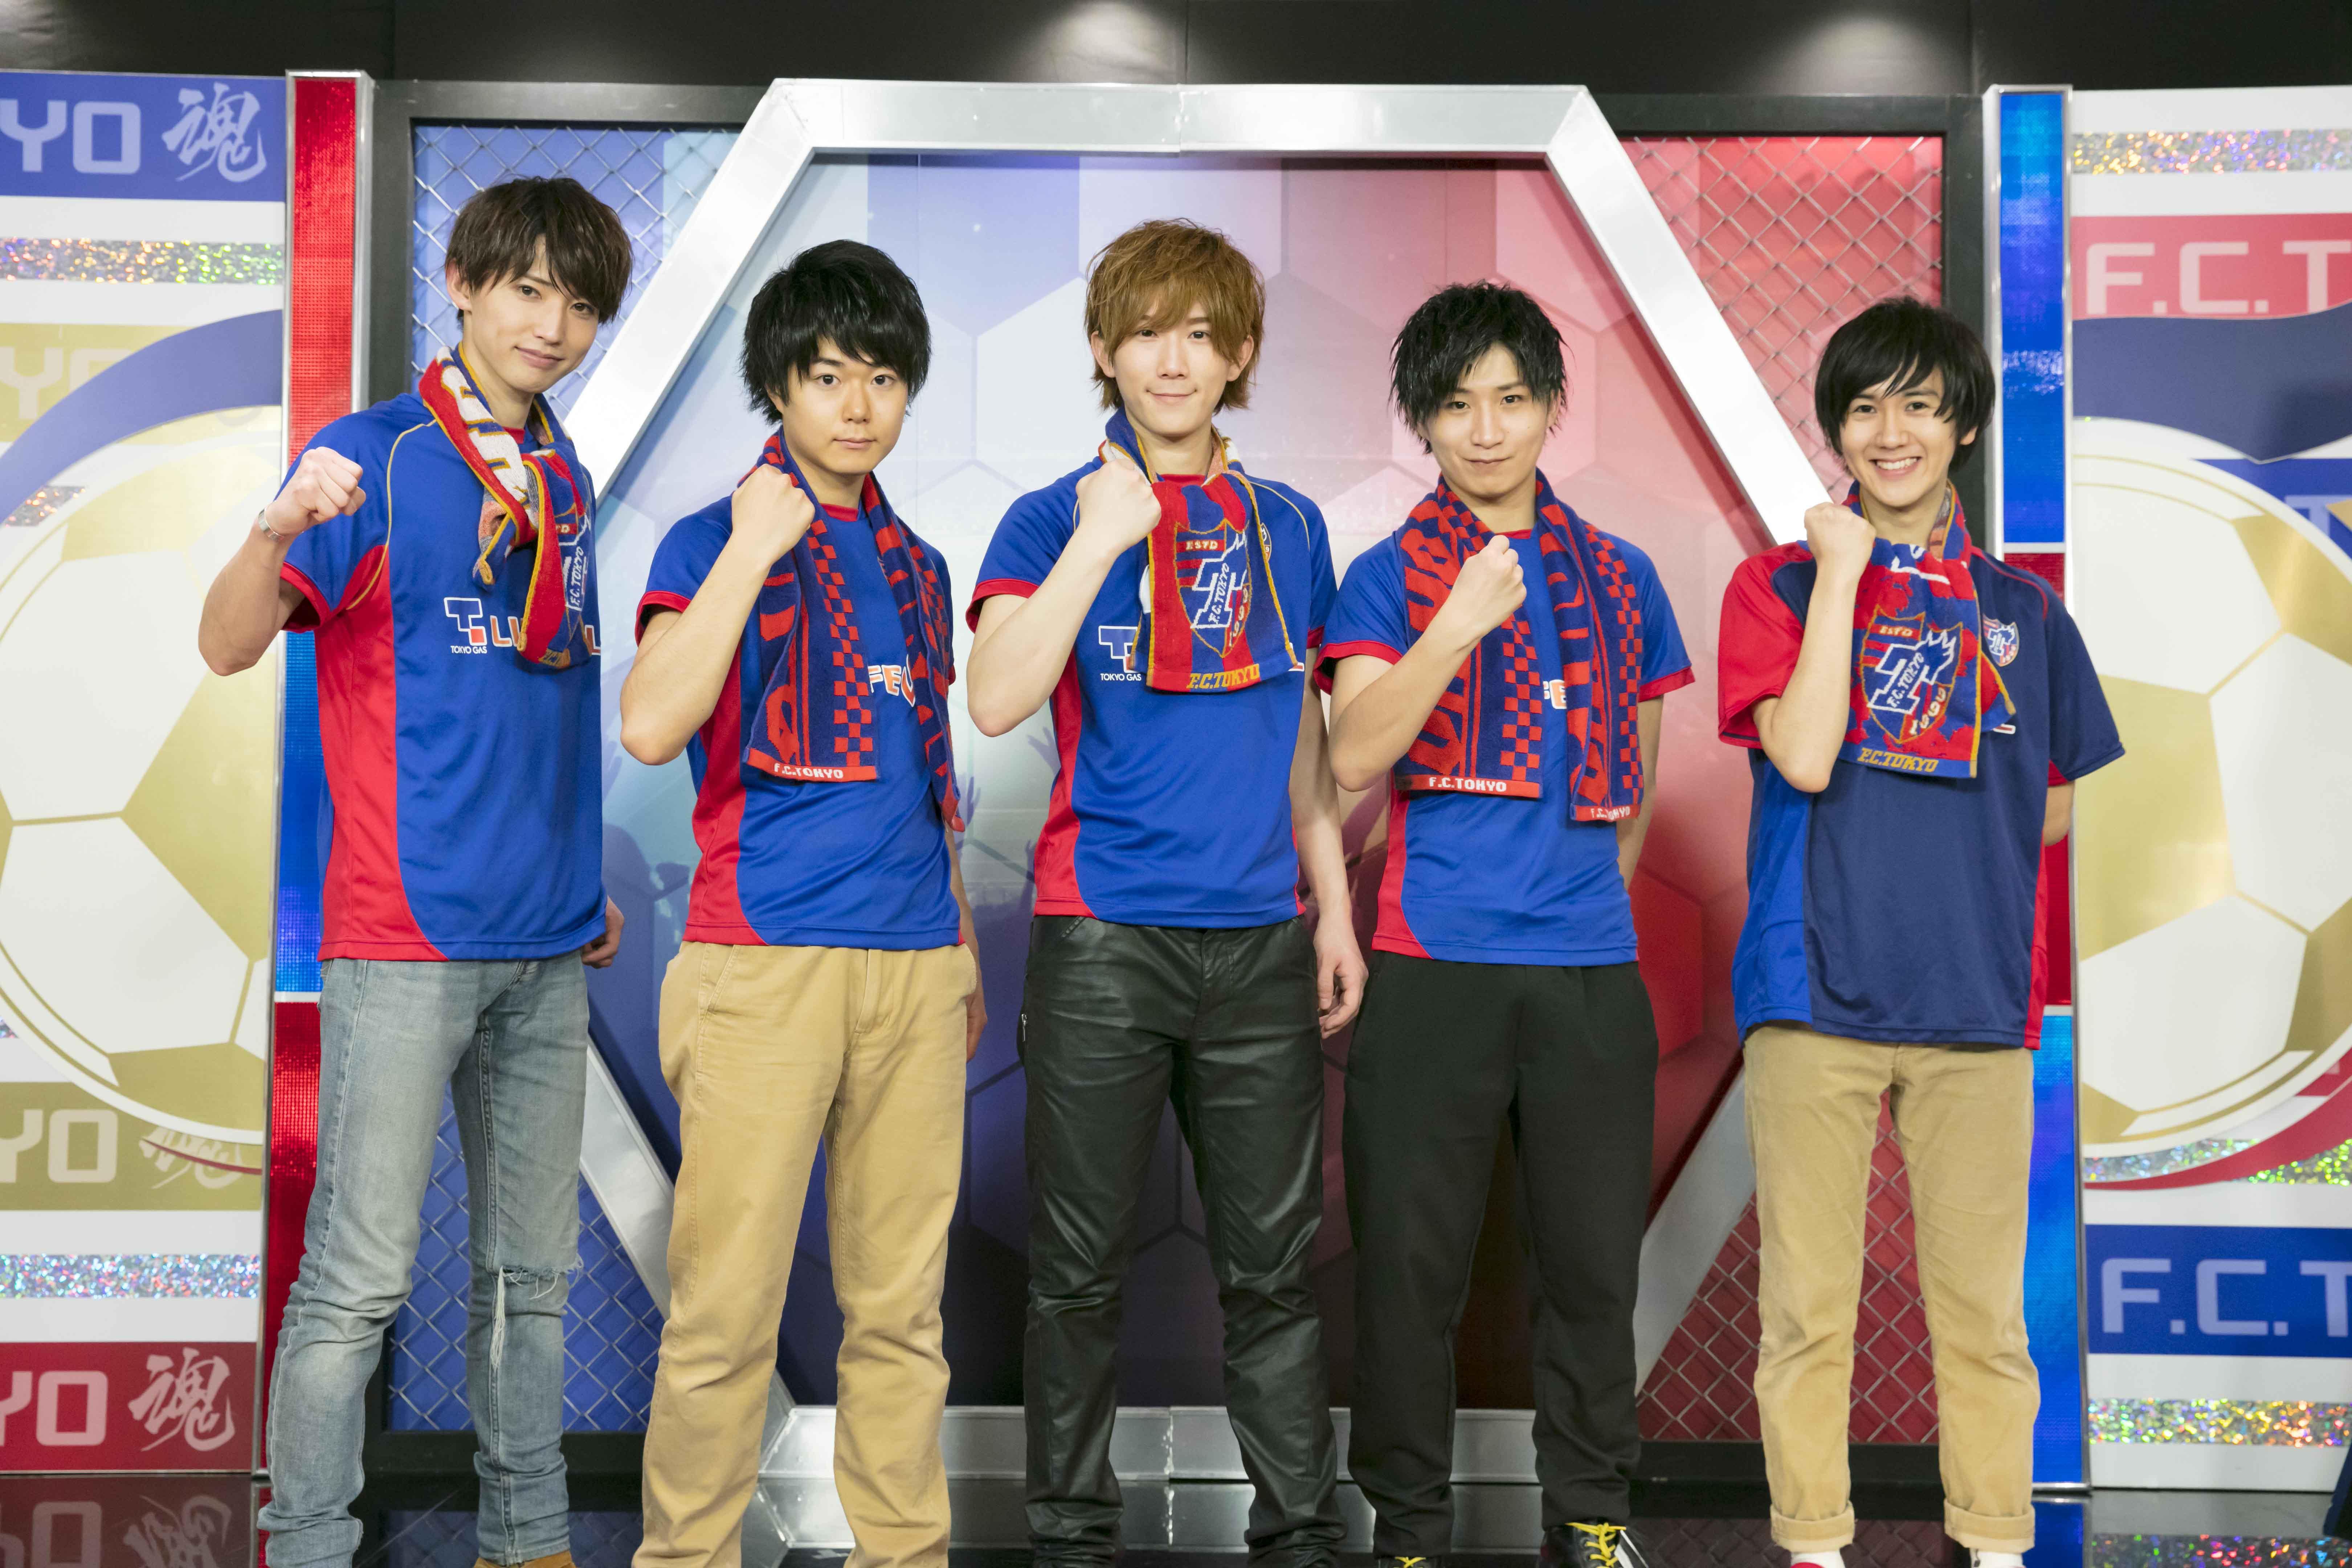 新曲「TOKYO HERO」でFC東京応援番組『F.C.TOKYO 魂!』へエンディングテーマを書き下ろし!